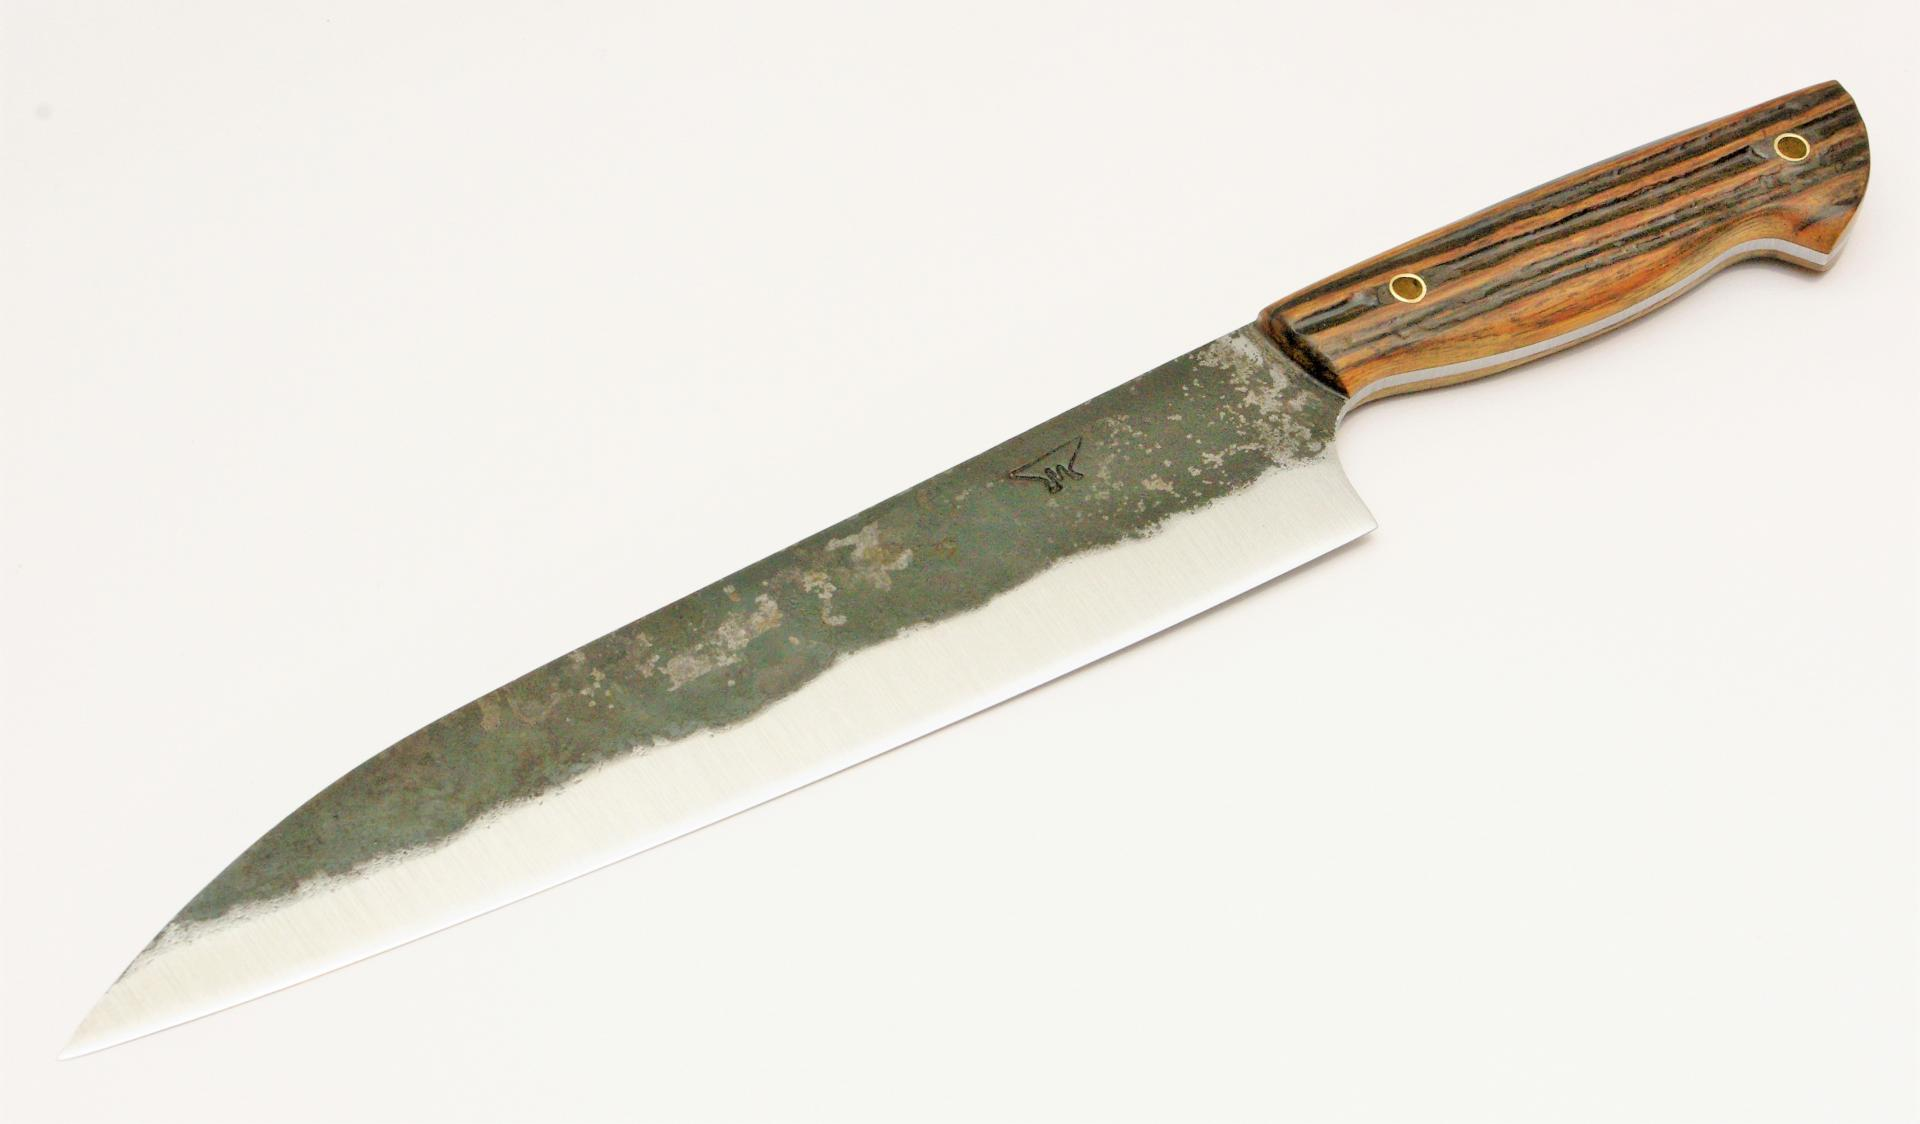 Euro Knife Show 2019 European Blades